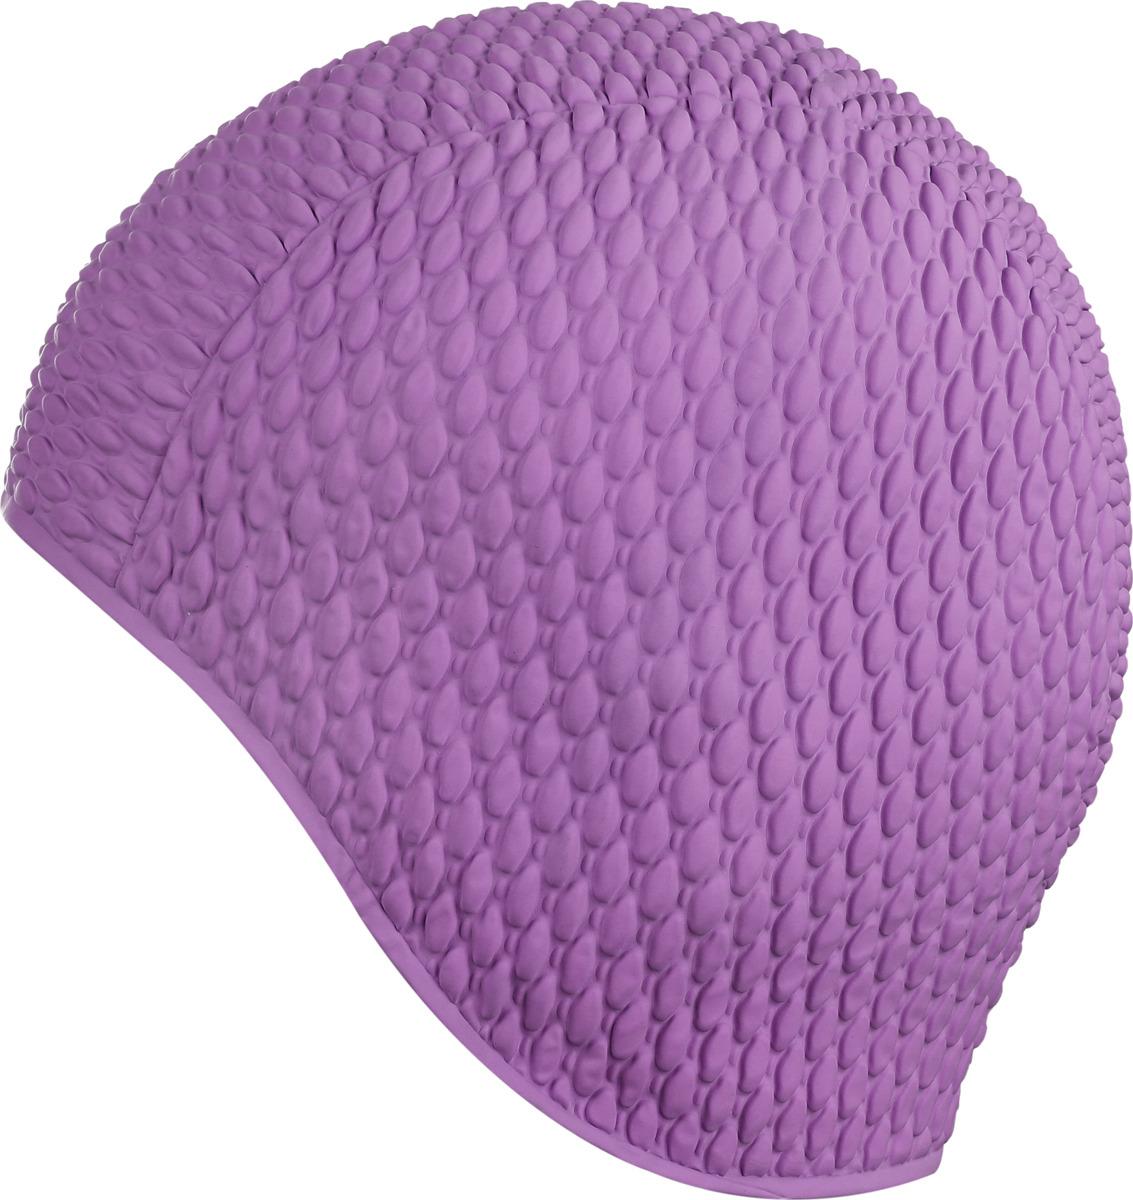 Шапочка для плавания Indigo Bubble, женская, цвет: фиолетовый00020208Женская резиновая шапочка для плавания Indigo Bubble. За счет пузырьков шапочка намного более эластичная и не сдавливает голову, легко одевается и снимается, не причиняя вреда волосам. Шапочка имеет оригинальный внешний вид. Высококачественная резина, из которого изготовлена шапочка, гарантирует долгий срок службы при условии бережного использования. Шапочка для плавания защищает волосы от намокания, позволяя волосам оставаться относительно сухими. Плавательная шапочка помогает подчеркнуть индивидуальность, удачно гармонирует с купальным костюмом.